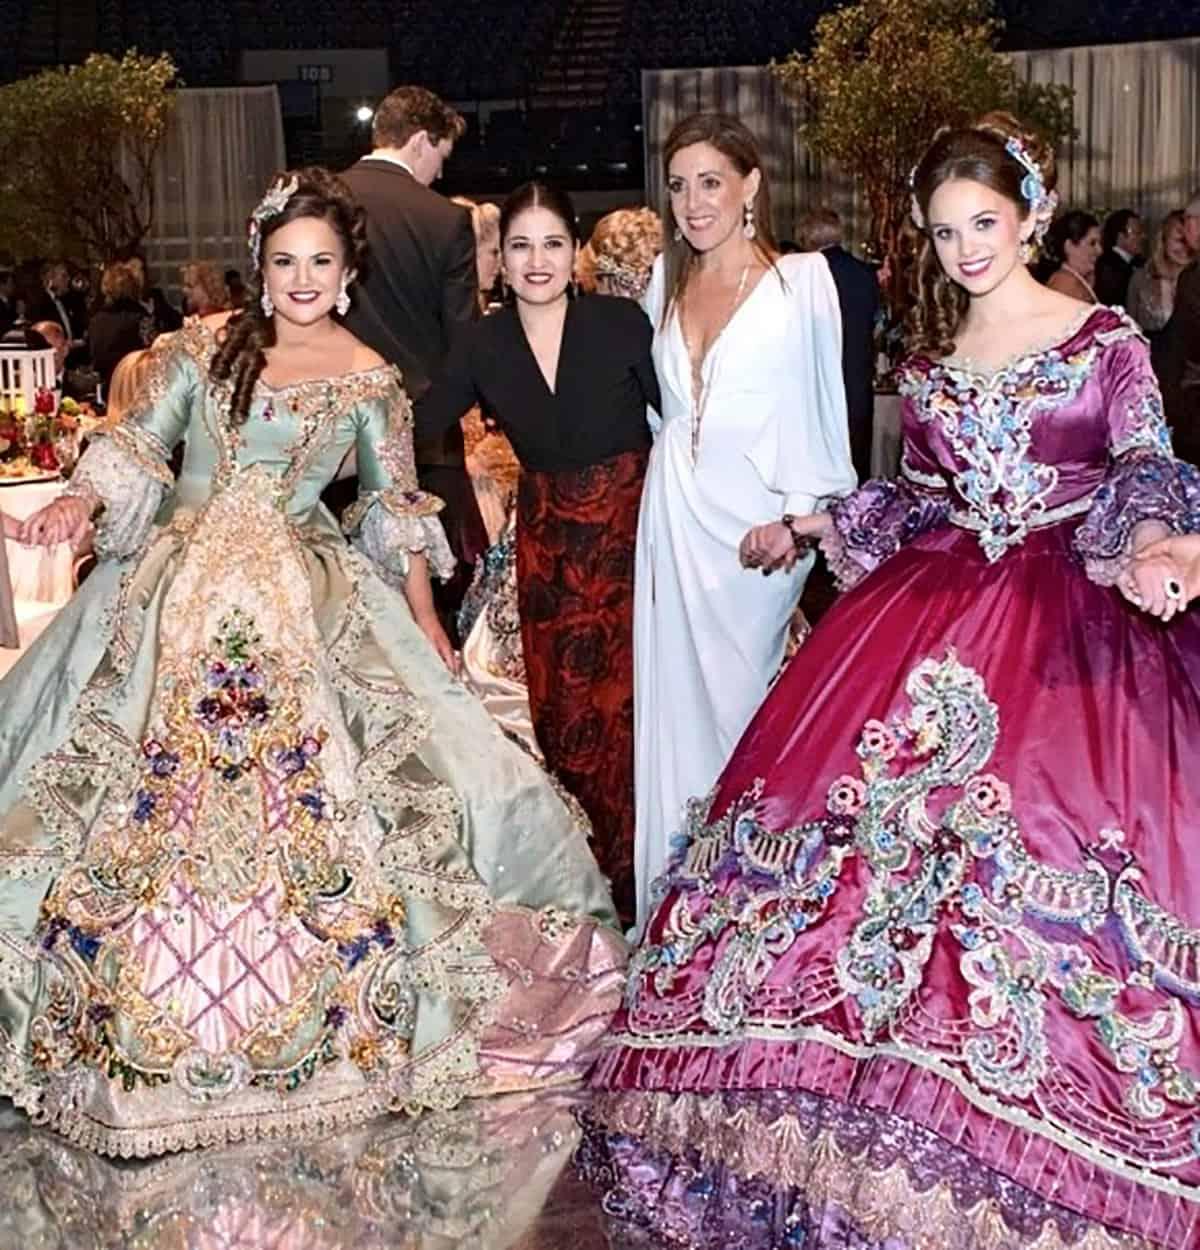 Ana Victoria Lopez and Laura Cecilia Lopez